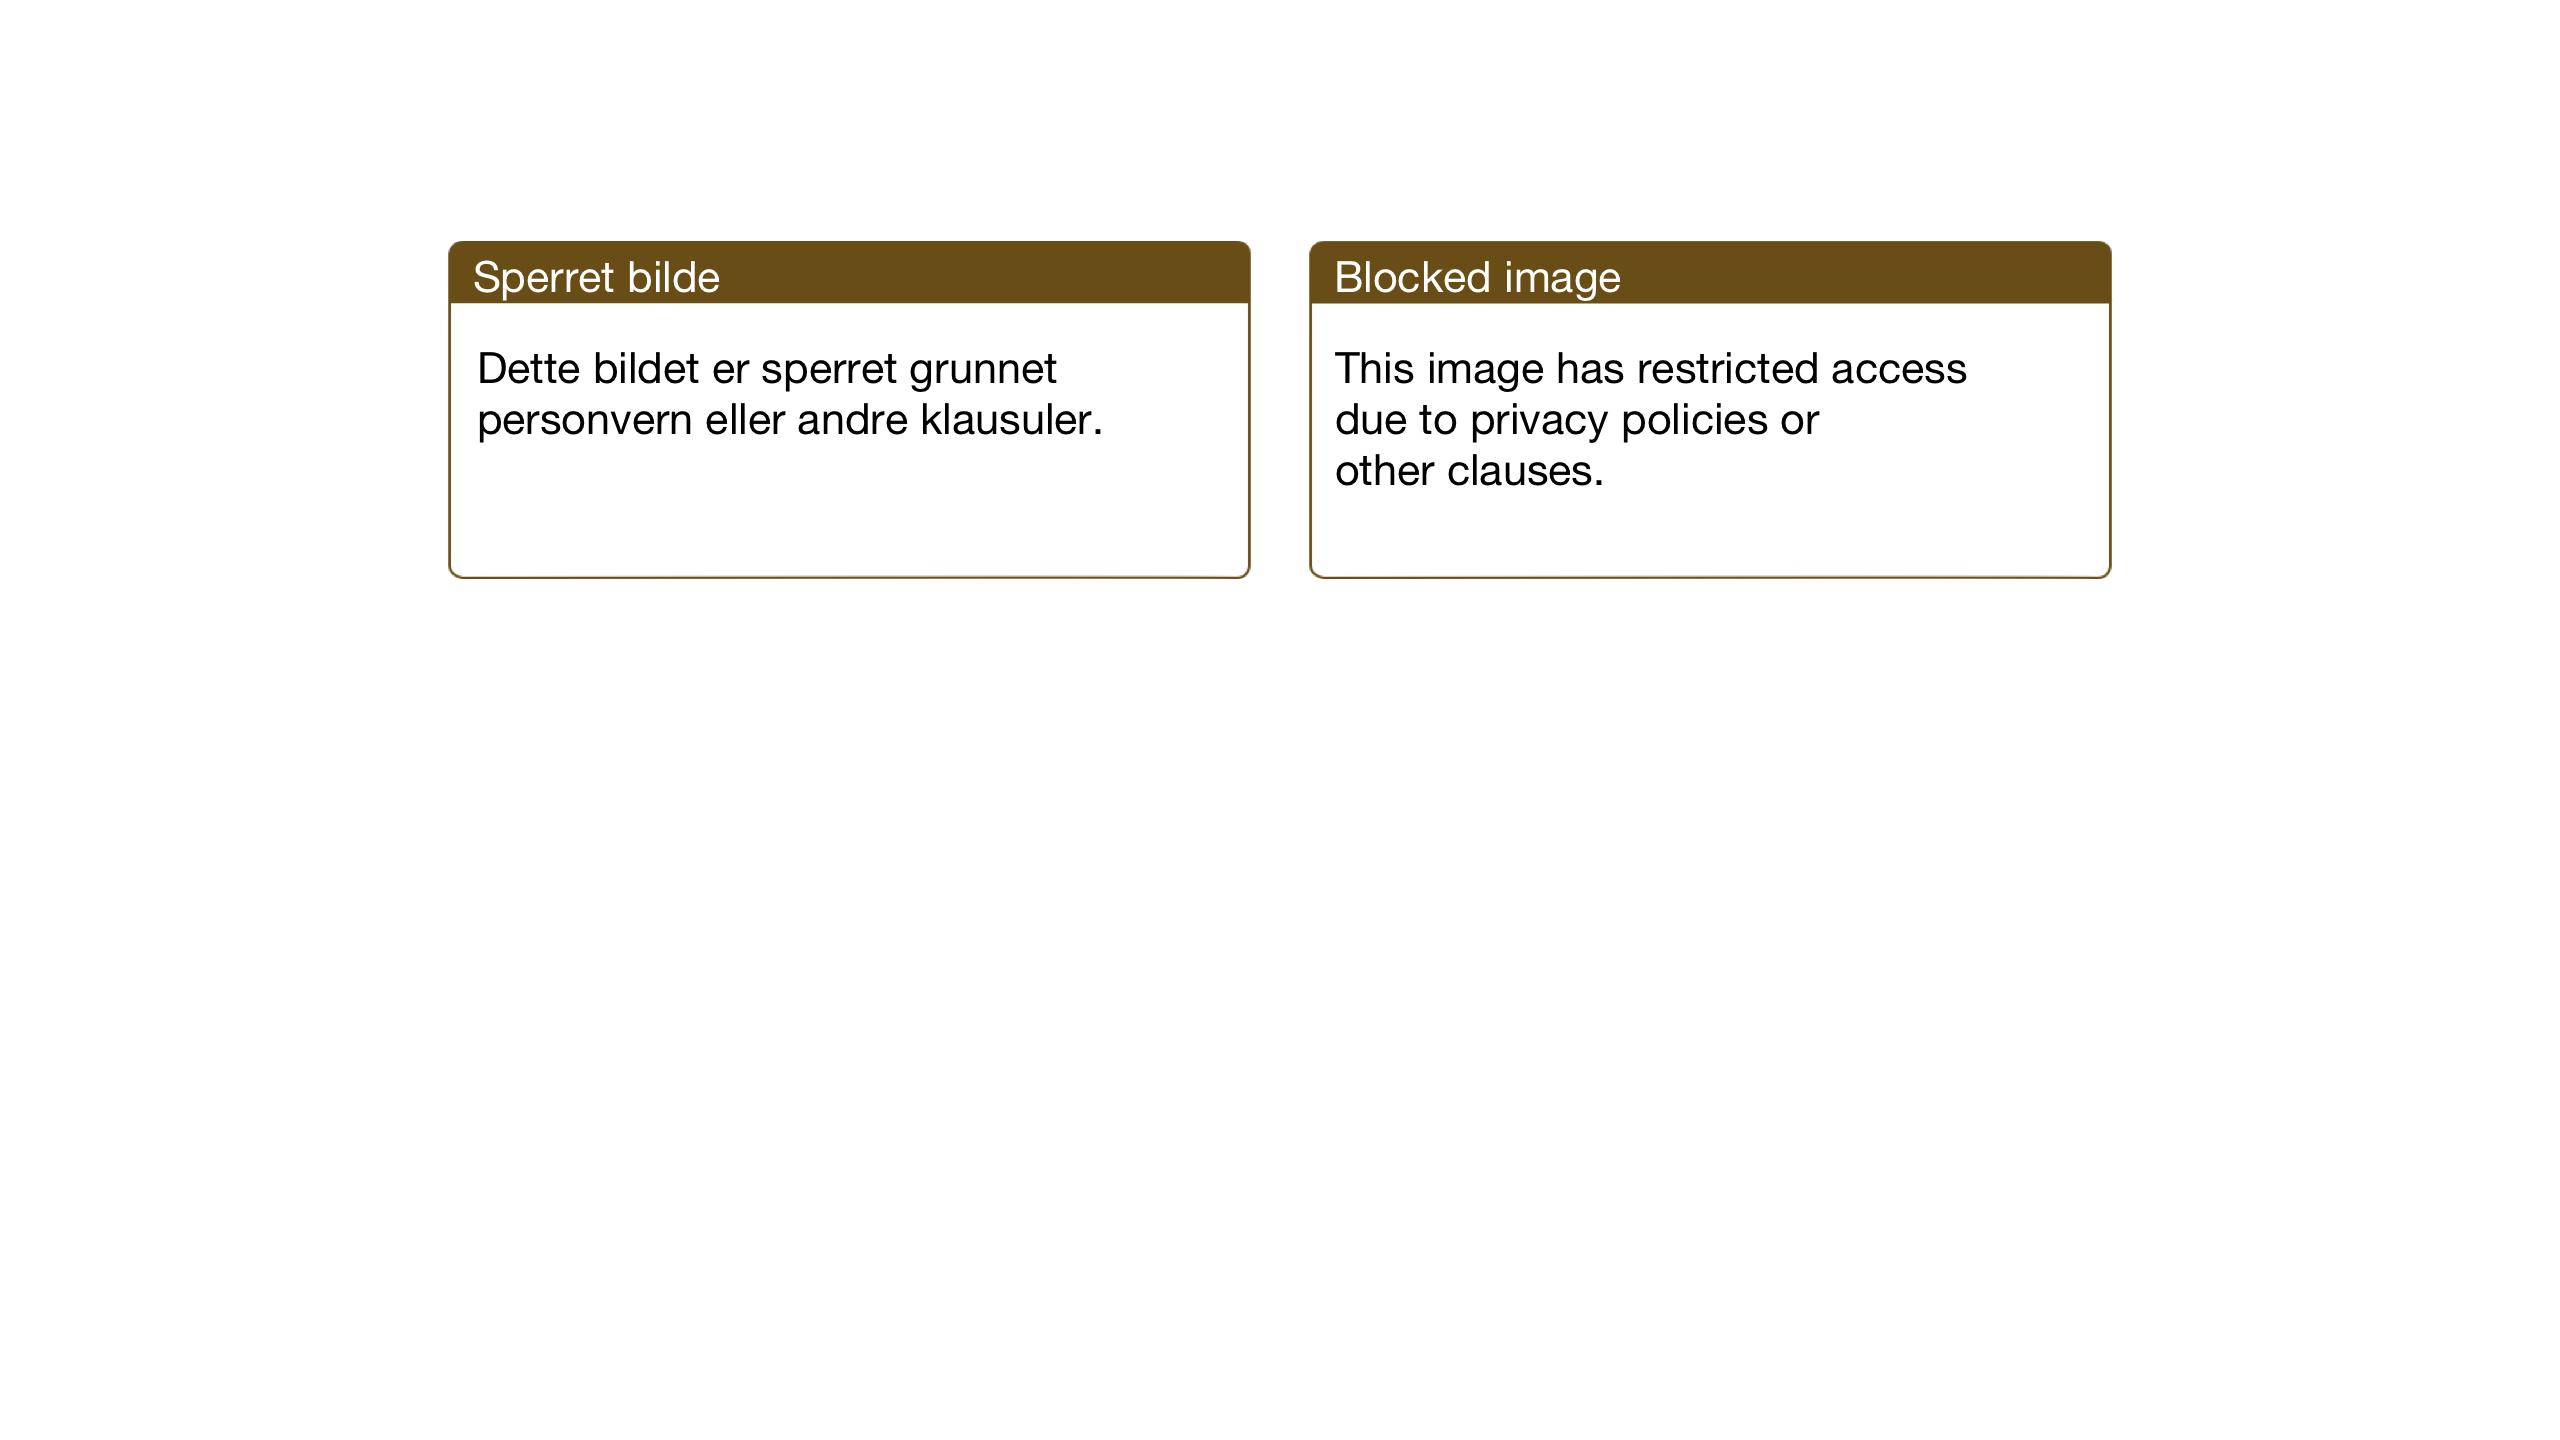 SAT, Ministerialprotokoller, klokkerbøker og fødselsregistre - Sør-Trøndelag, 659/L0747: Klokkerbok nr. 659C04, 1913-1938, s. 163